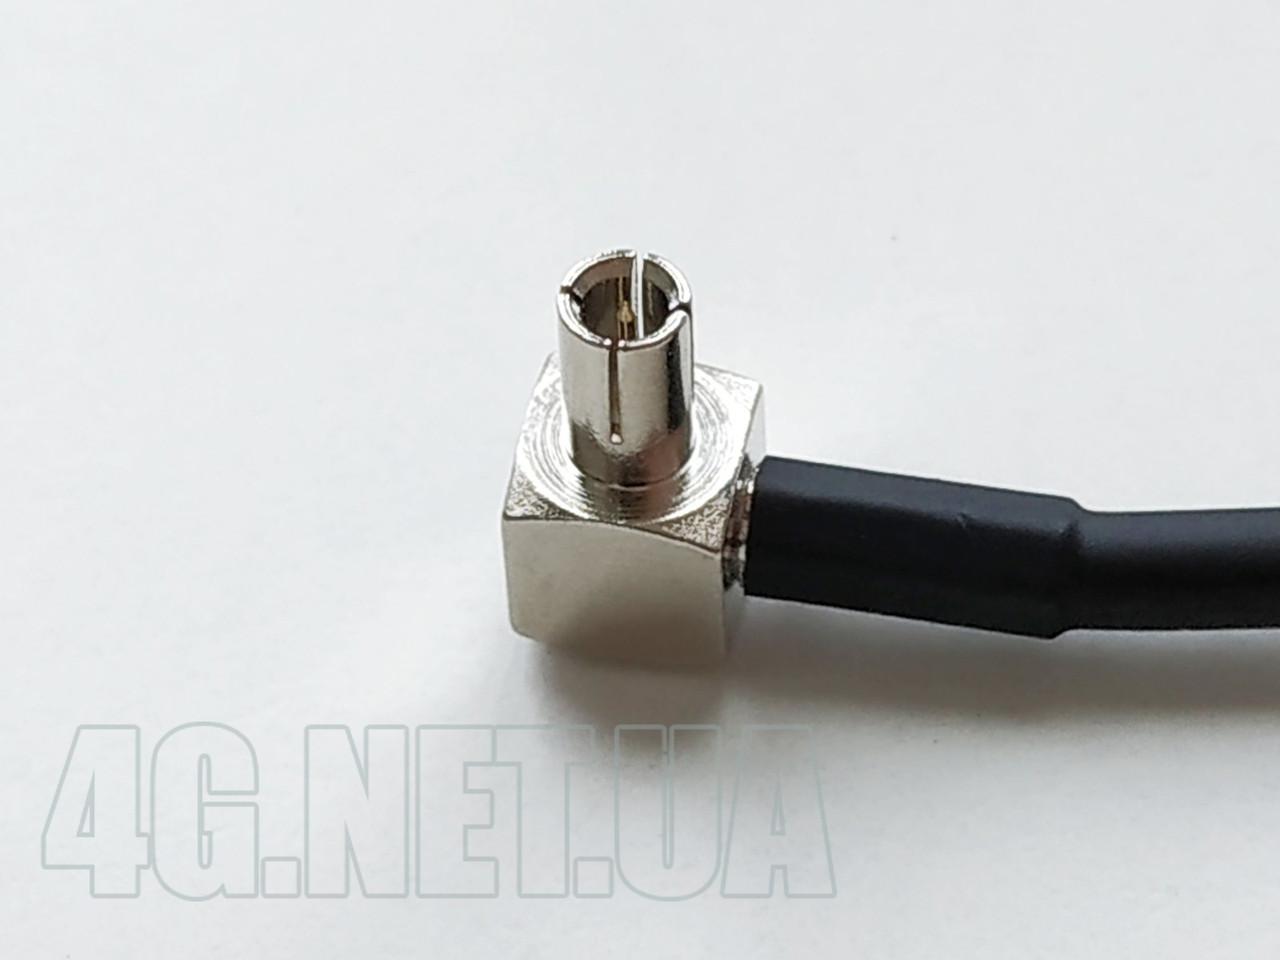 Pigtail ts9 переходник на антенну для 4G/3G модемов и роутеров